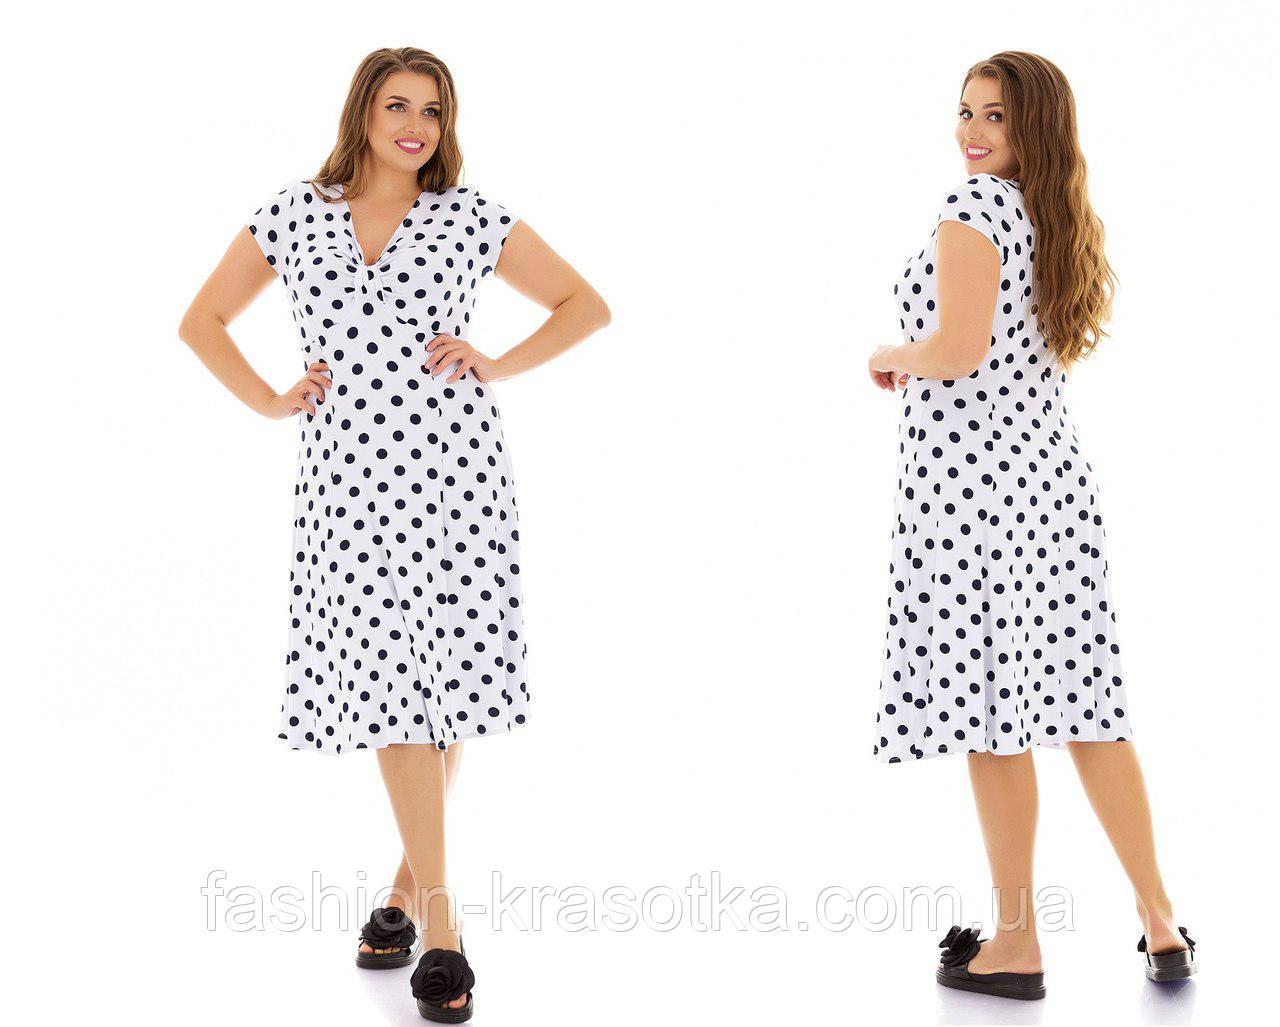 Легкое летнее платье от производителя